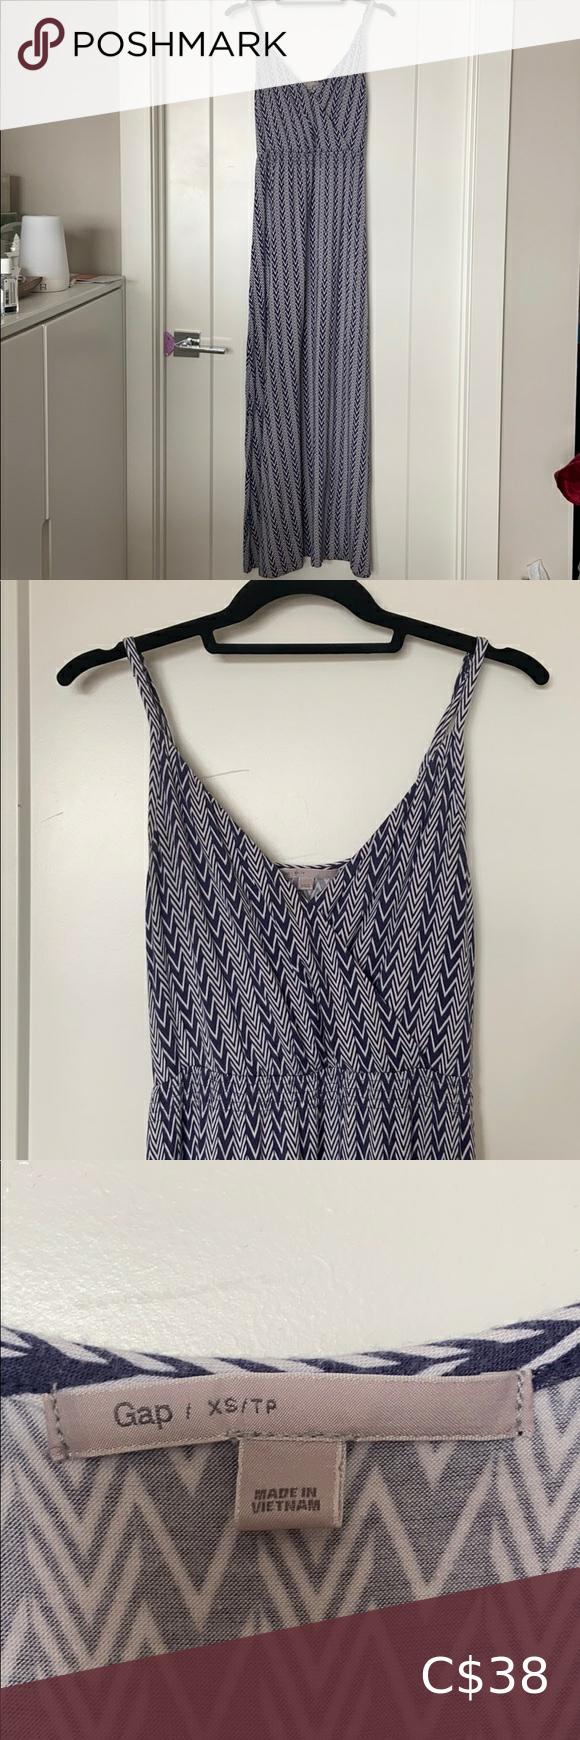 The Gap Maxi Dress Xs Gap Maxi Dress Blue White Maxi Dress Maxi Dress [ 1740 x 580 Pixel ]